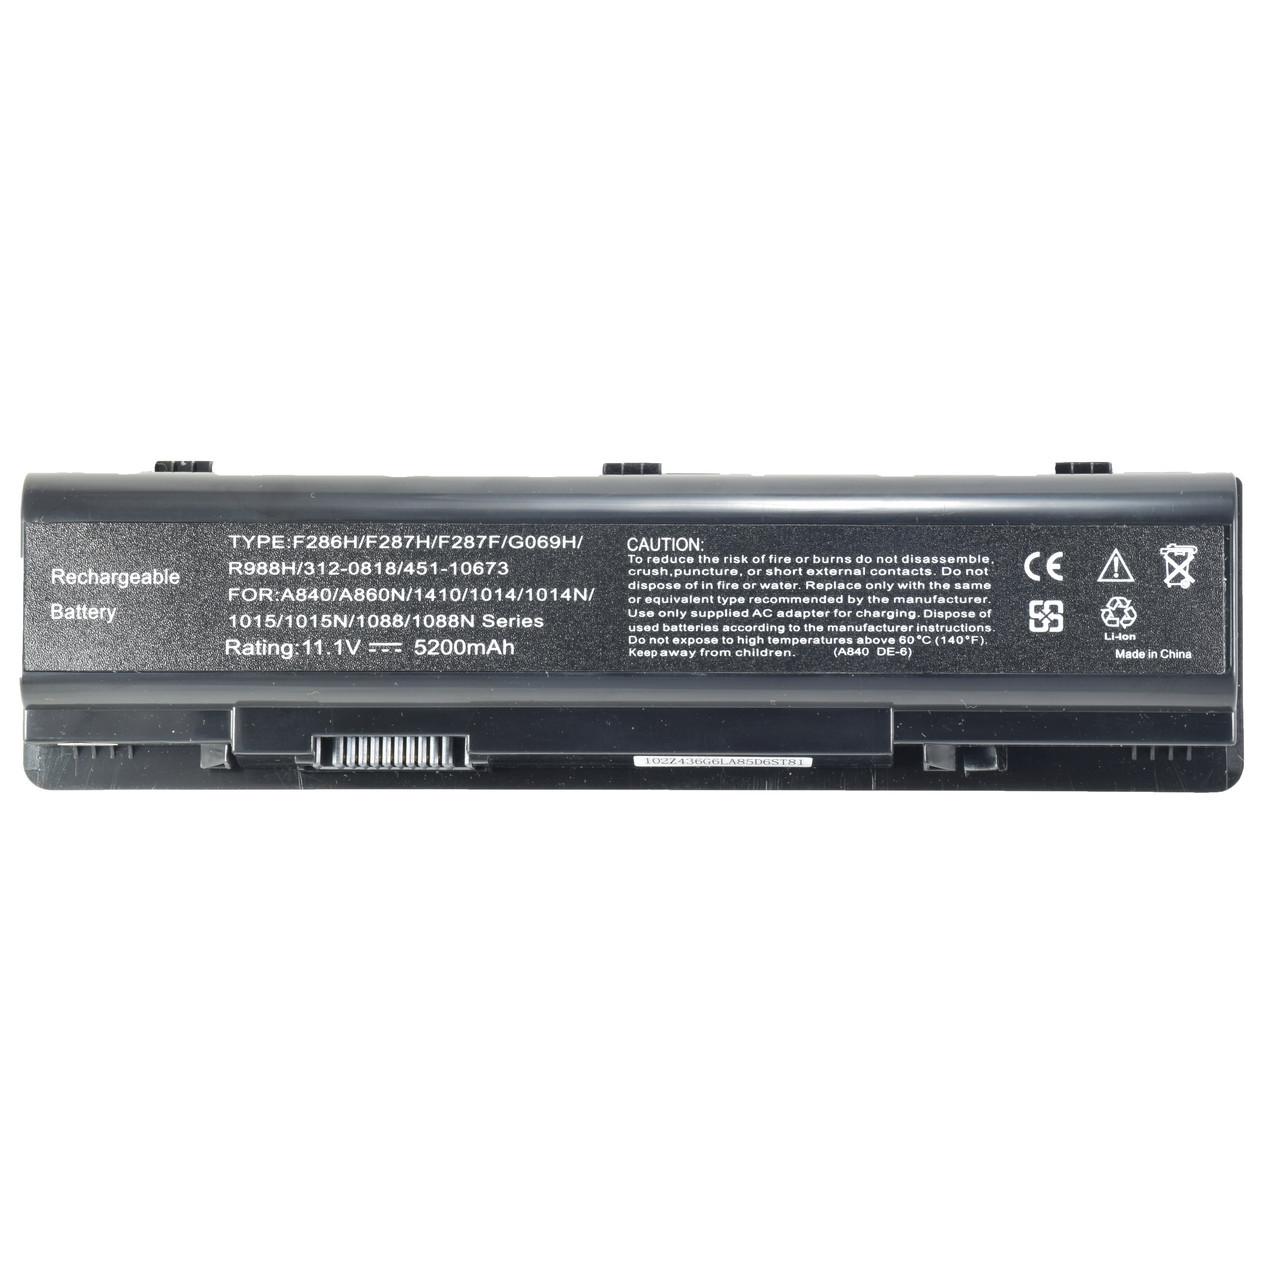 Батарея для ноутбука QU-080807002 QU-080807003 QU-080807004 QU-080917001